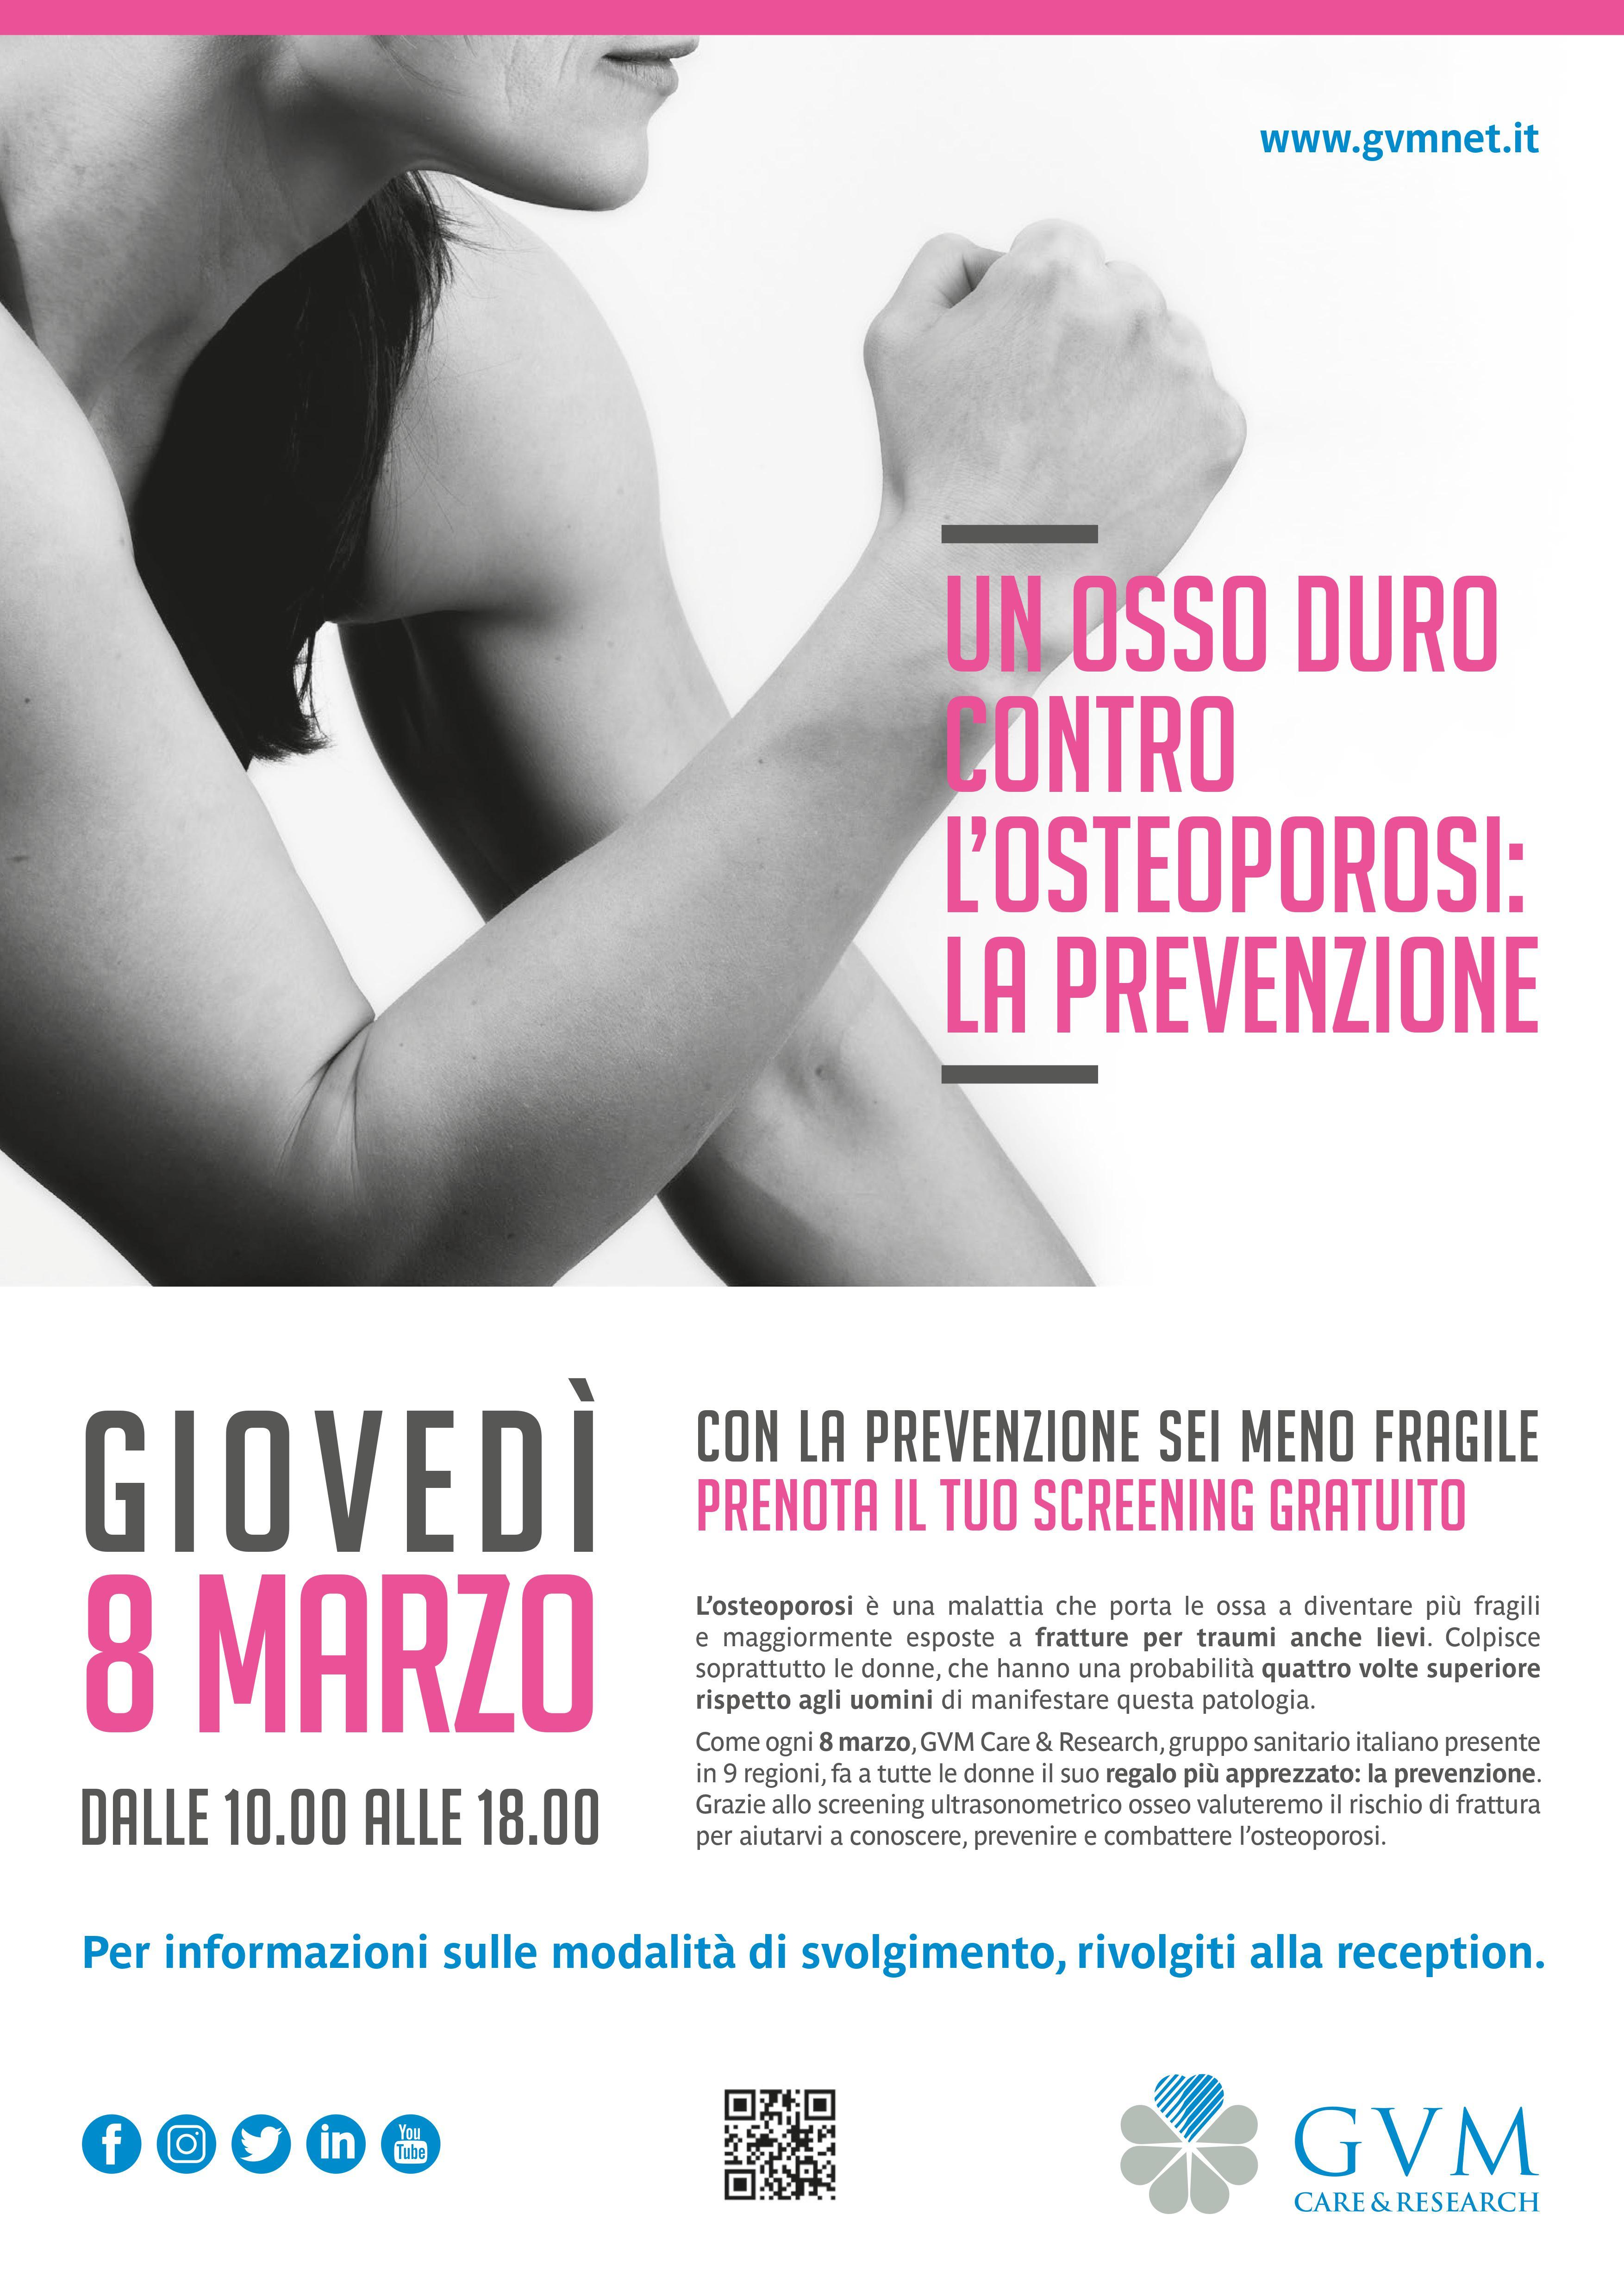 Festa-della-Donna-La-Giornata-della-prevenzione-femminile-Osteoporosi-2018